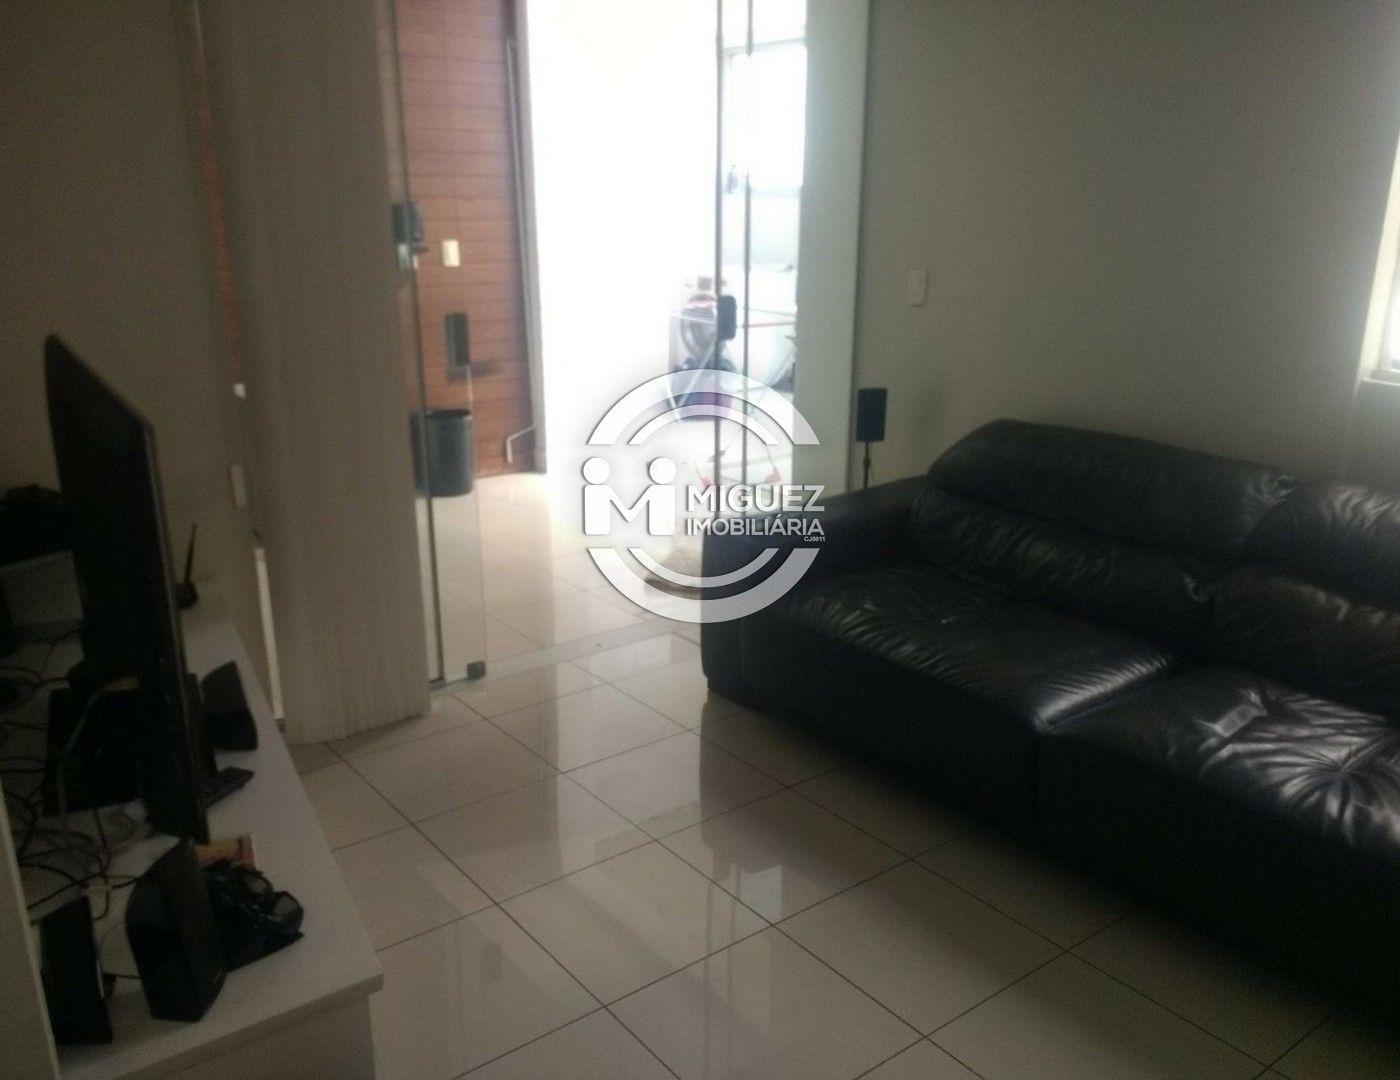 Cobertura, aluguel, Rua Mendes Tavares - Vila Isabel , Rio de janeiro